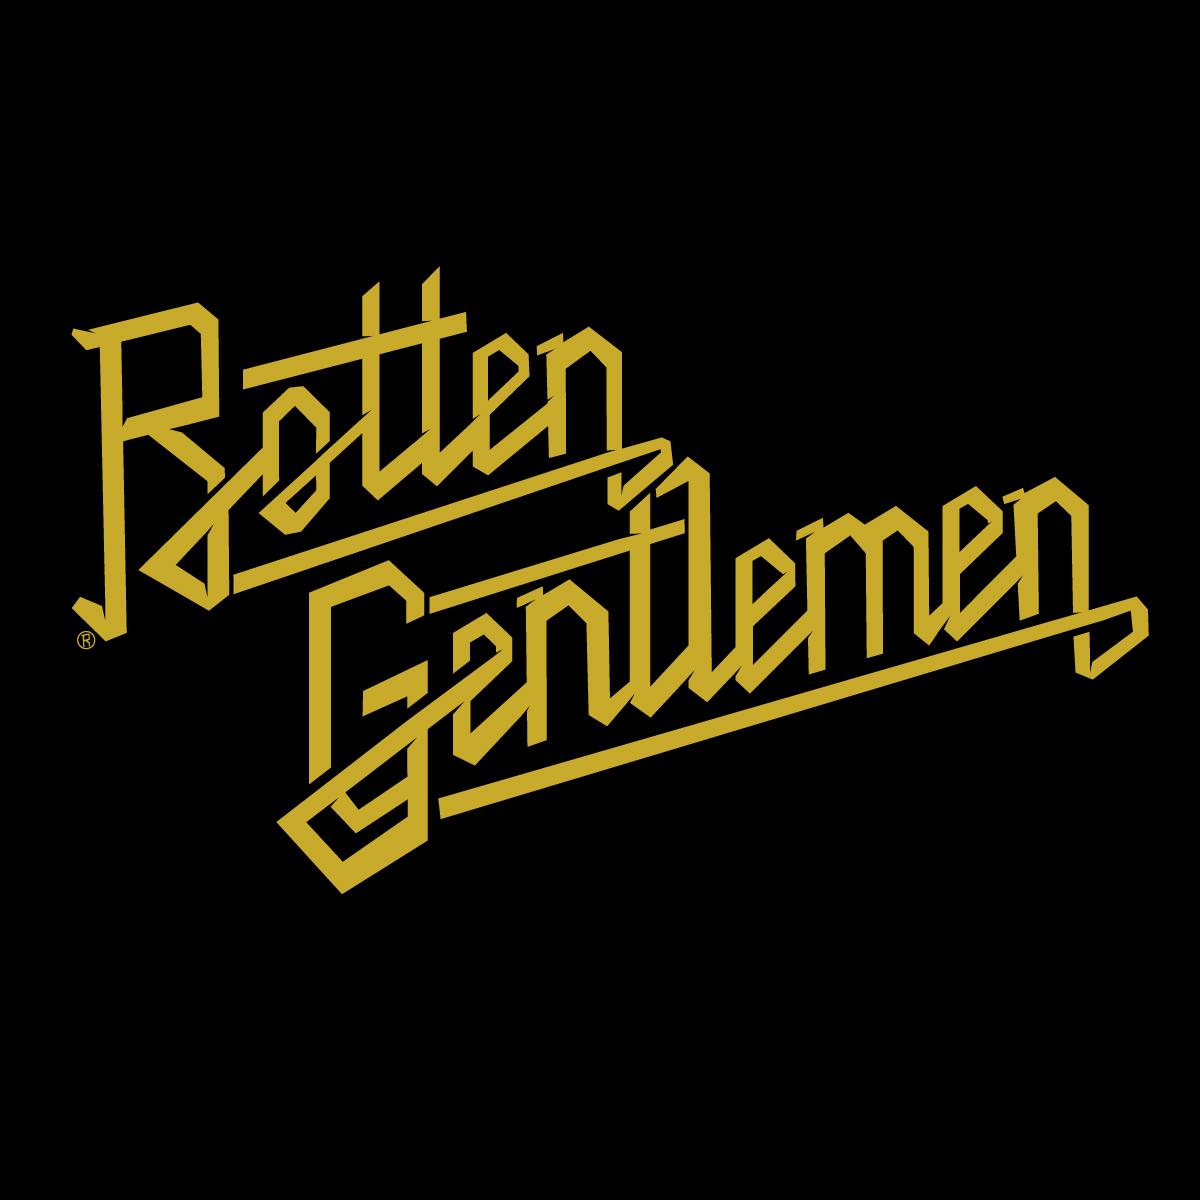 RottenGentlemen1